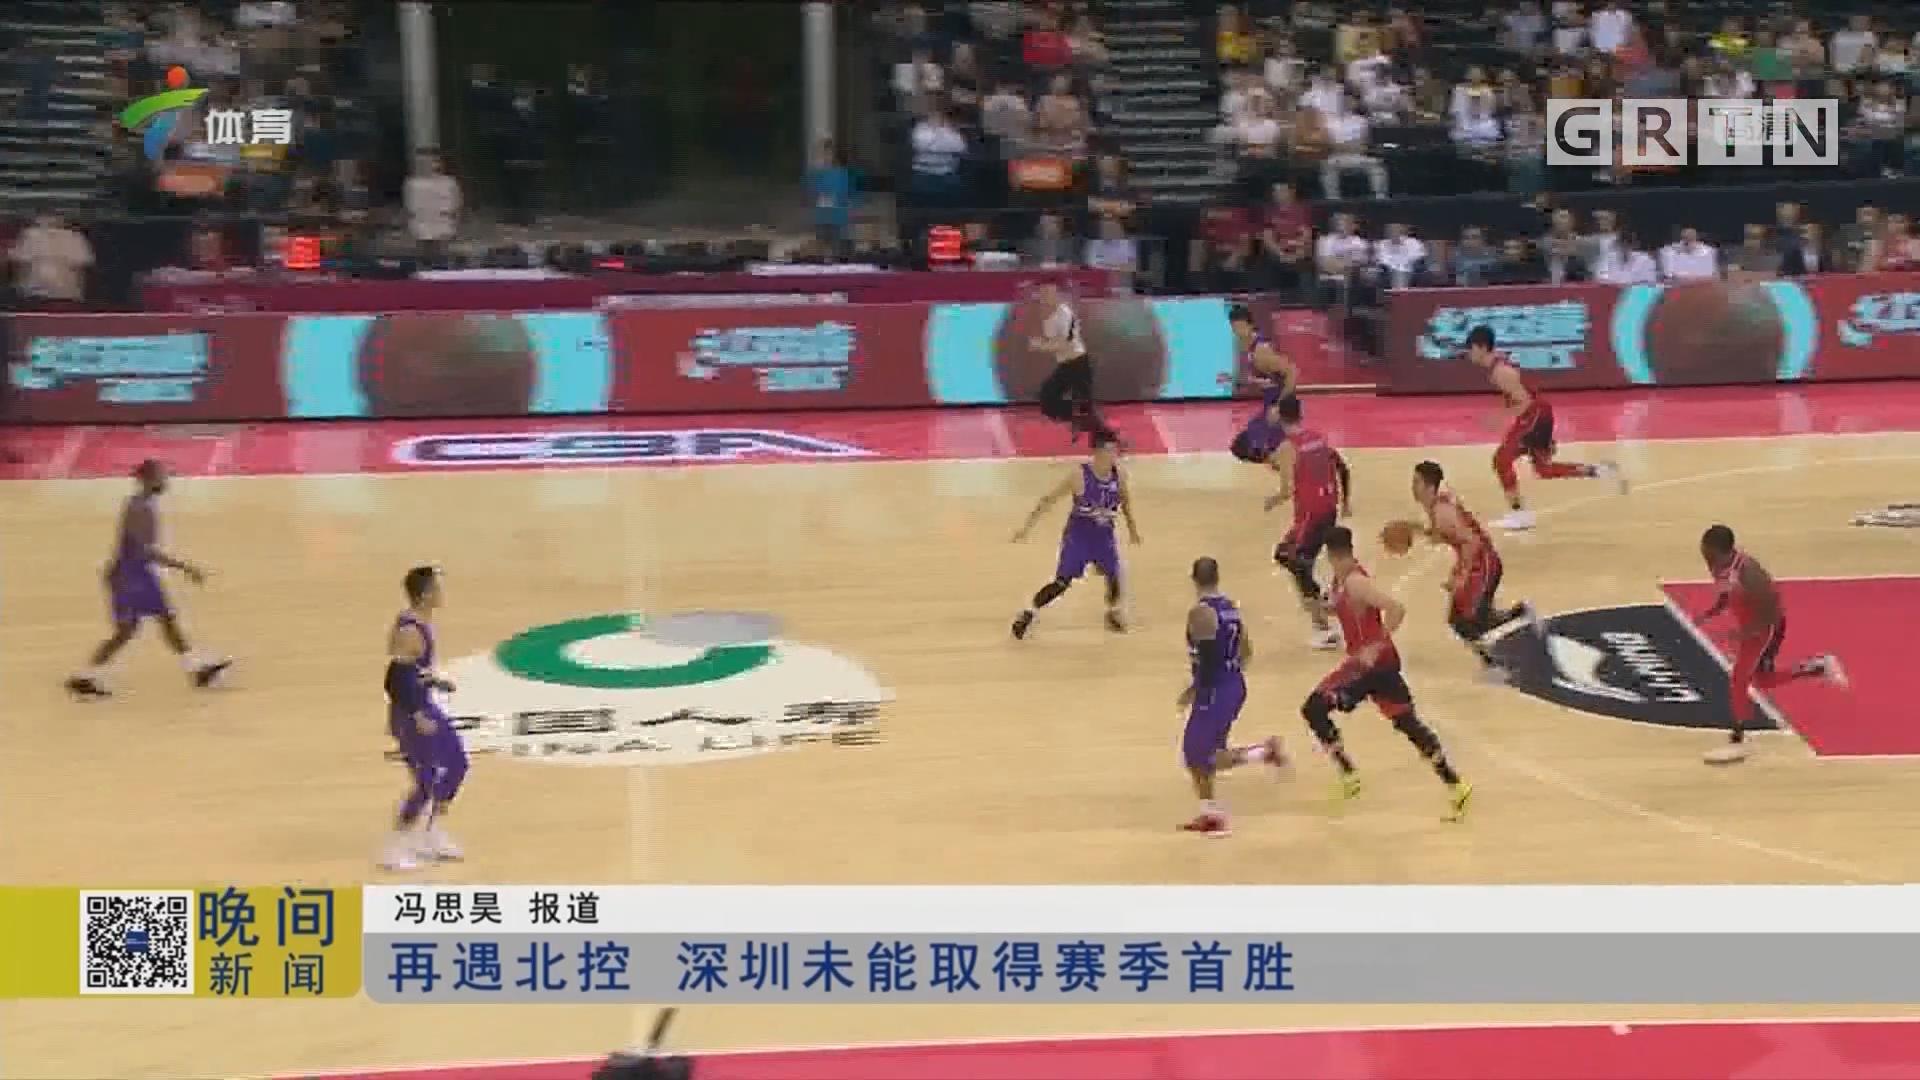 再遇北控 深圳未能取得赛季首胜